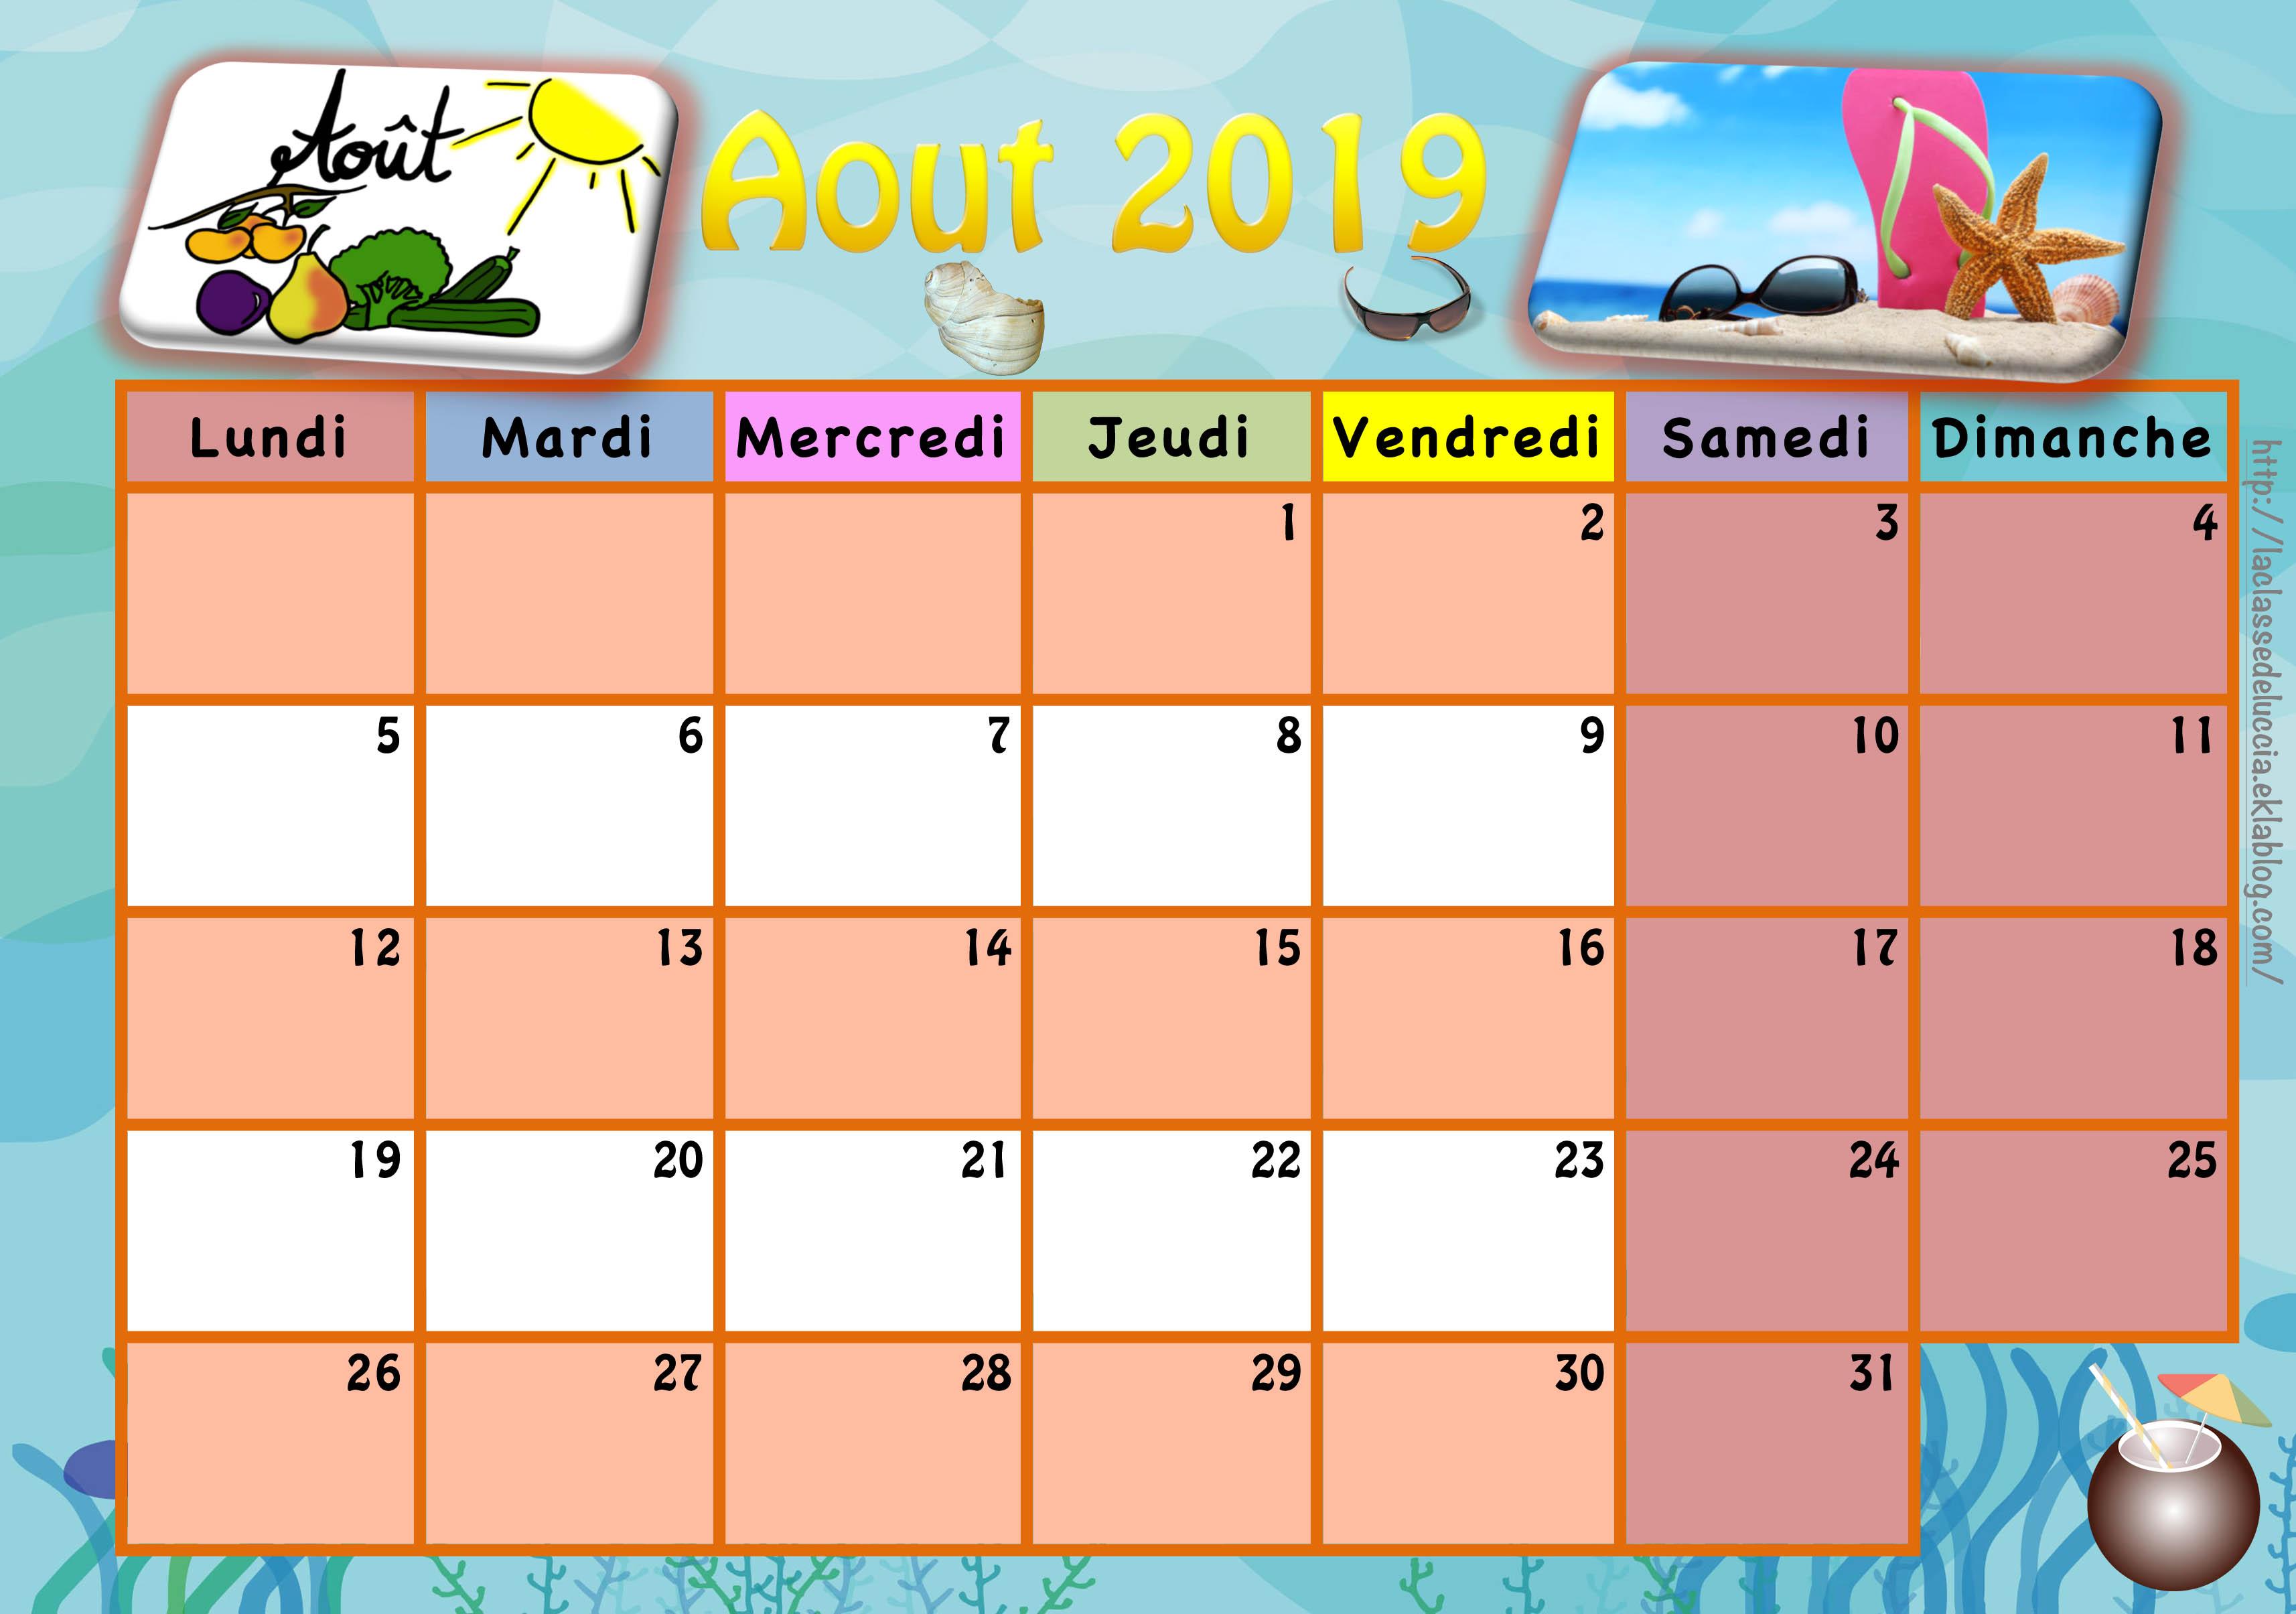 Calendrier Septembre 2020 Aout 2019.Calendrier Enfant 2019 2020 La Classe De Luccia